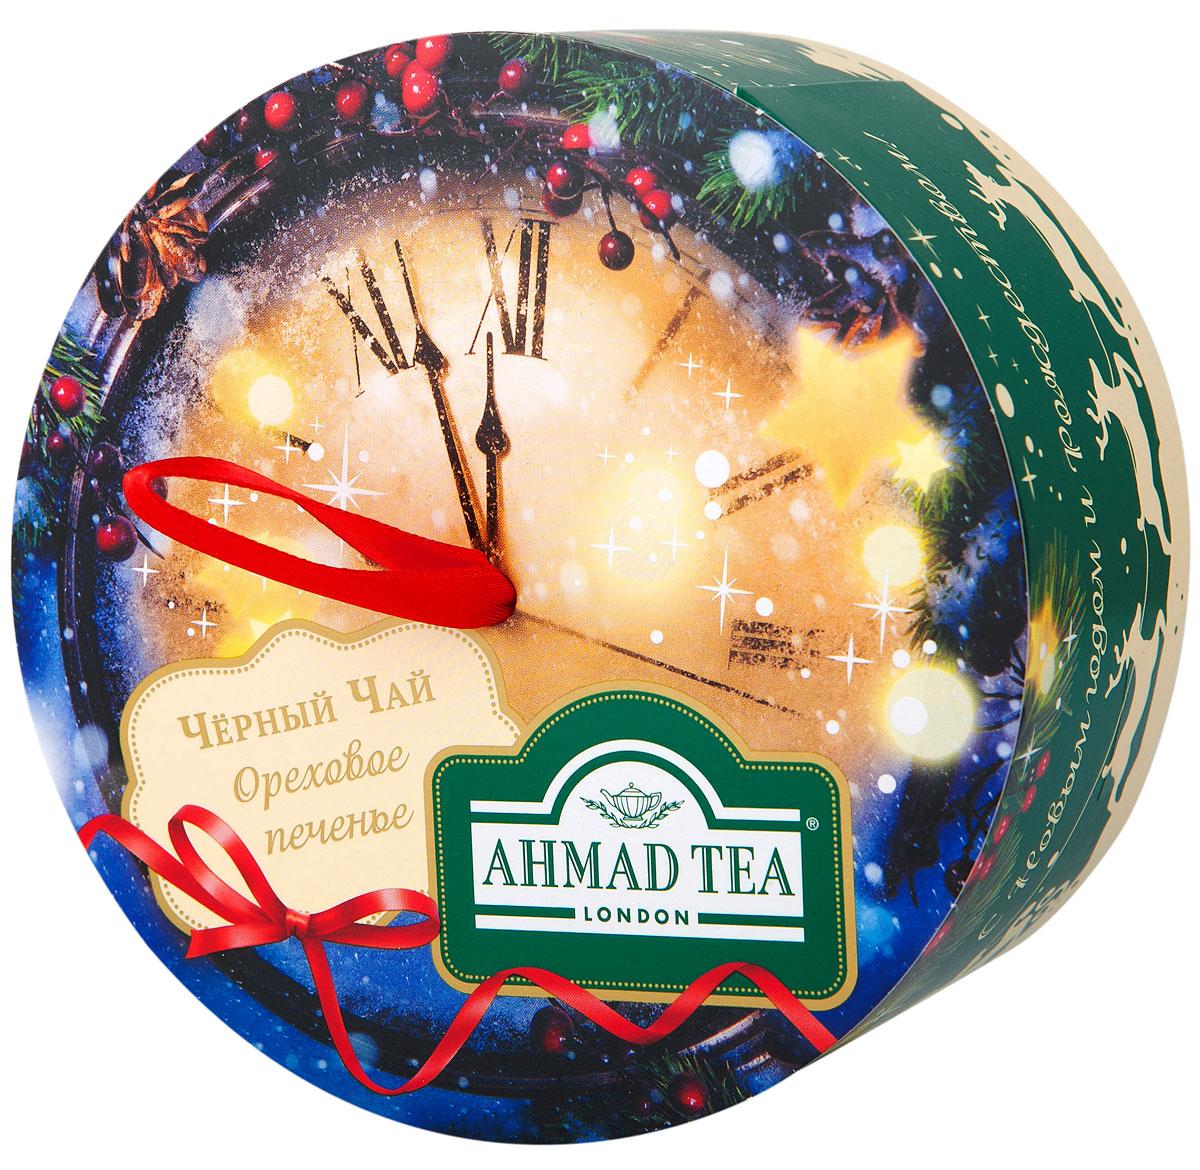 Ahmad Tea Новогодняя ночь черный листовой чай с лесным орехом, 60 гN068Чай черный байховый листовой Новогодняя ночь со вкусом и ароматом орехового печенья. Благородный вкус черного чая с высокогорных плантаций Индии и Цейлона приобретает особенную выразительность в сочетании с тонким ореховым послевкусием. Сладкая нота лесного ореха смягчает классическую терпкость черного чая и придает десертное звучание этому изысканному купажу.